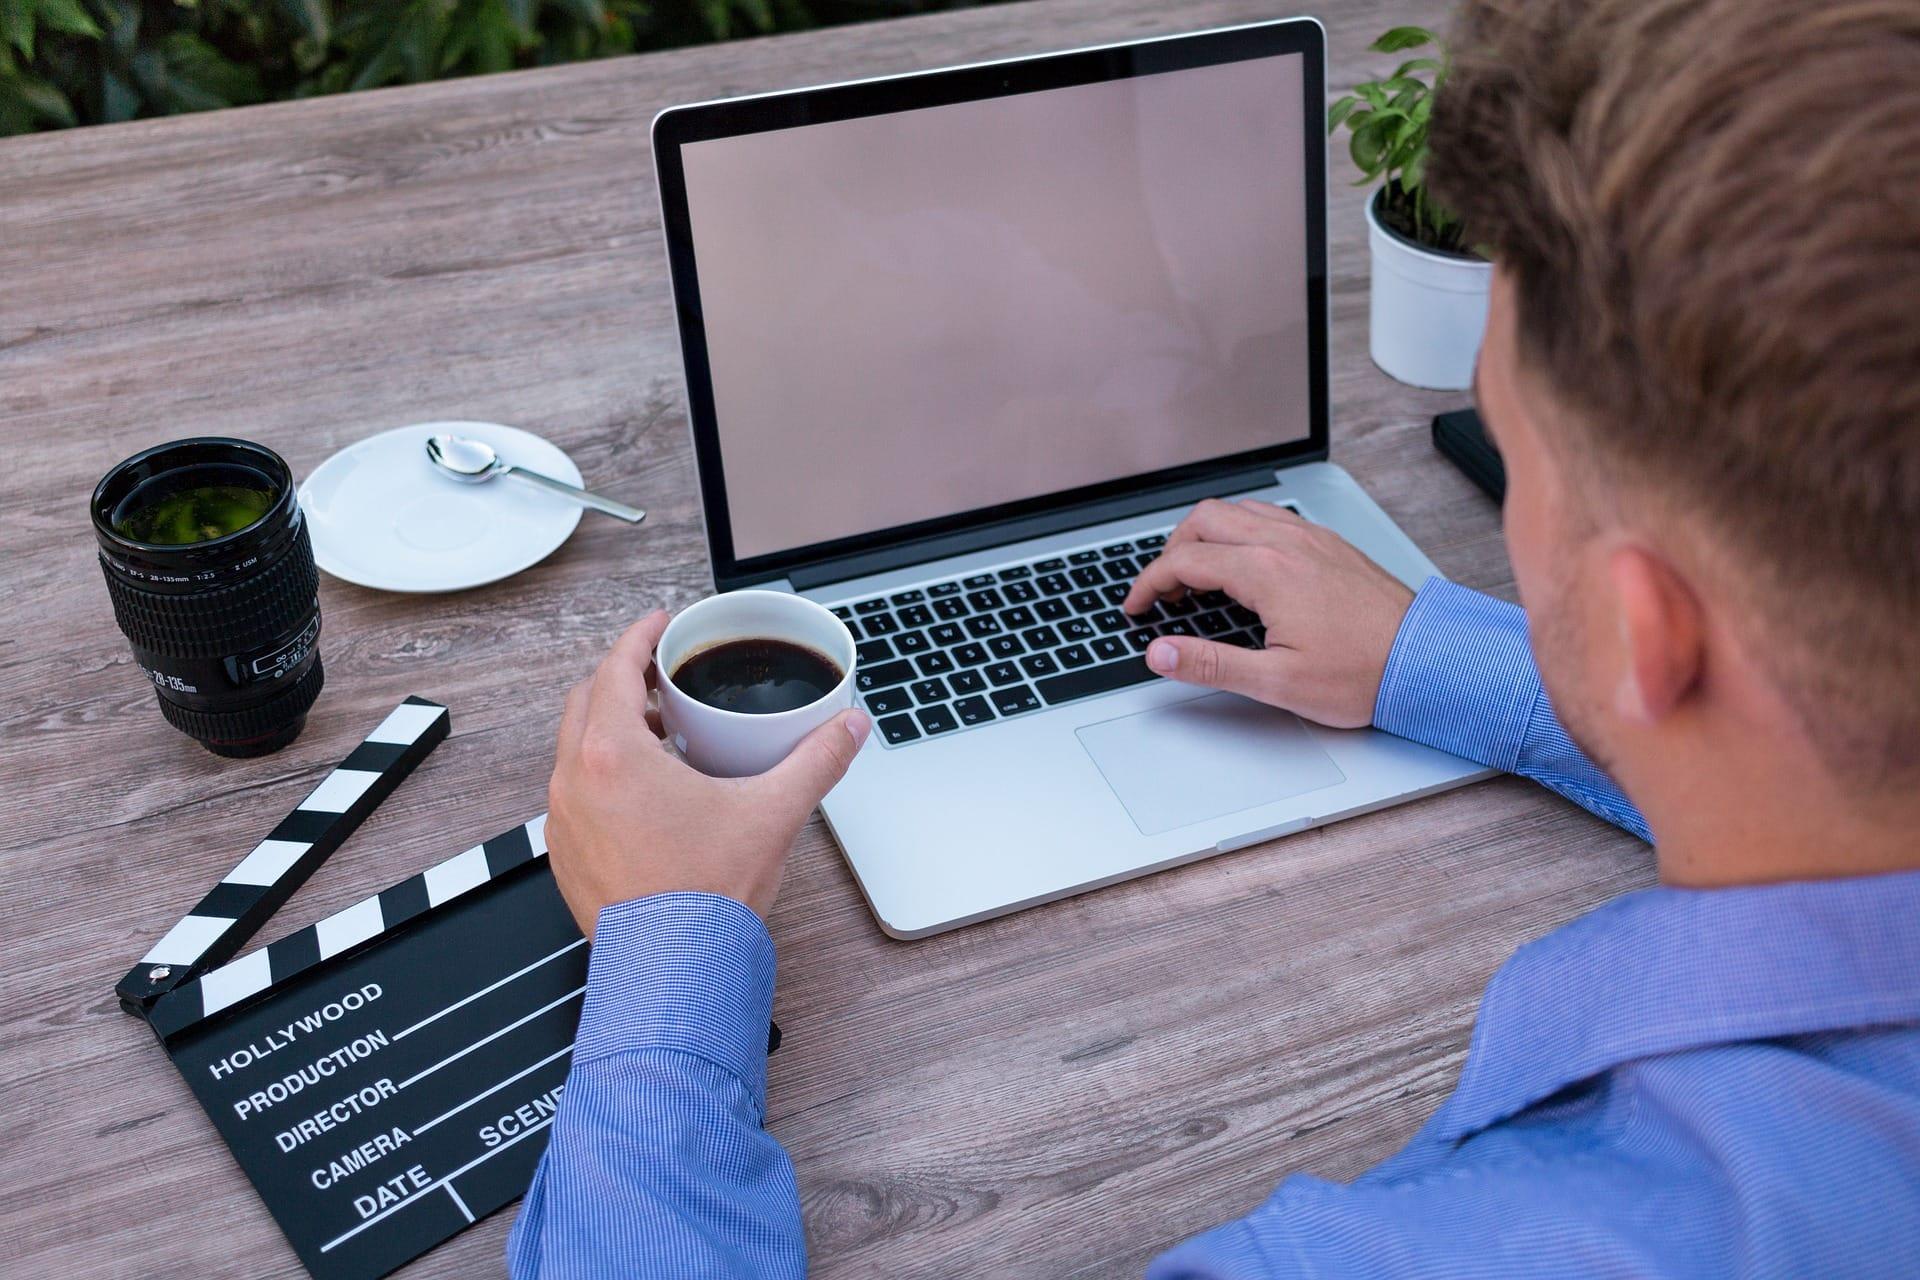 Digitalizzazione: usare i new media per aumentare il proprio business